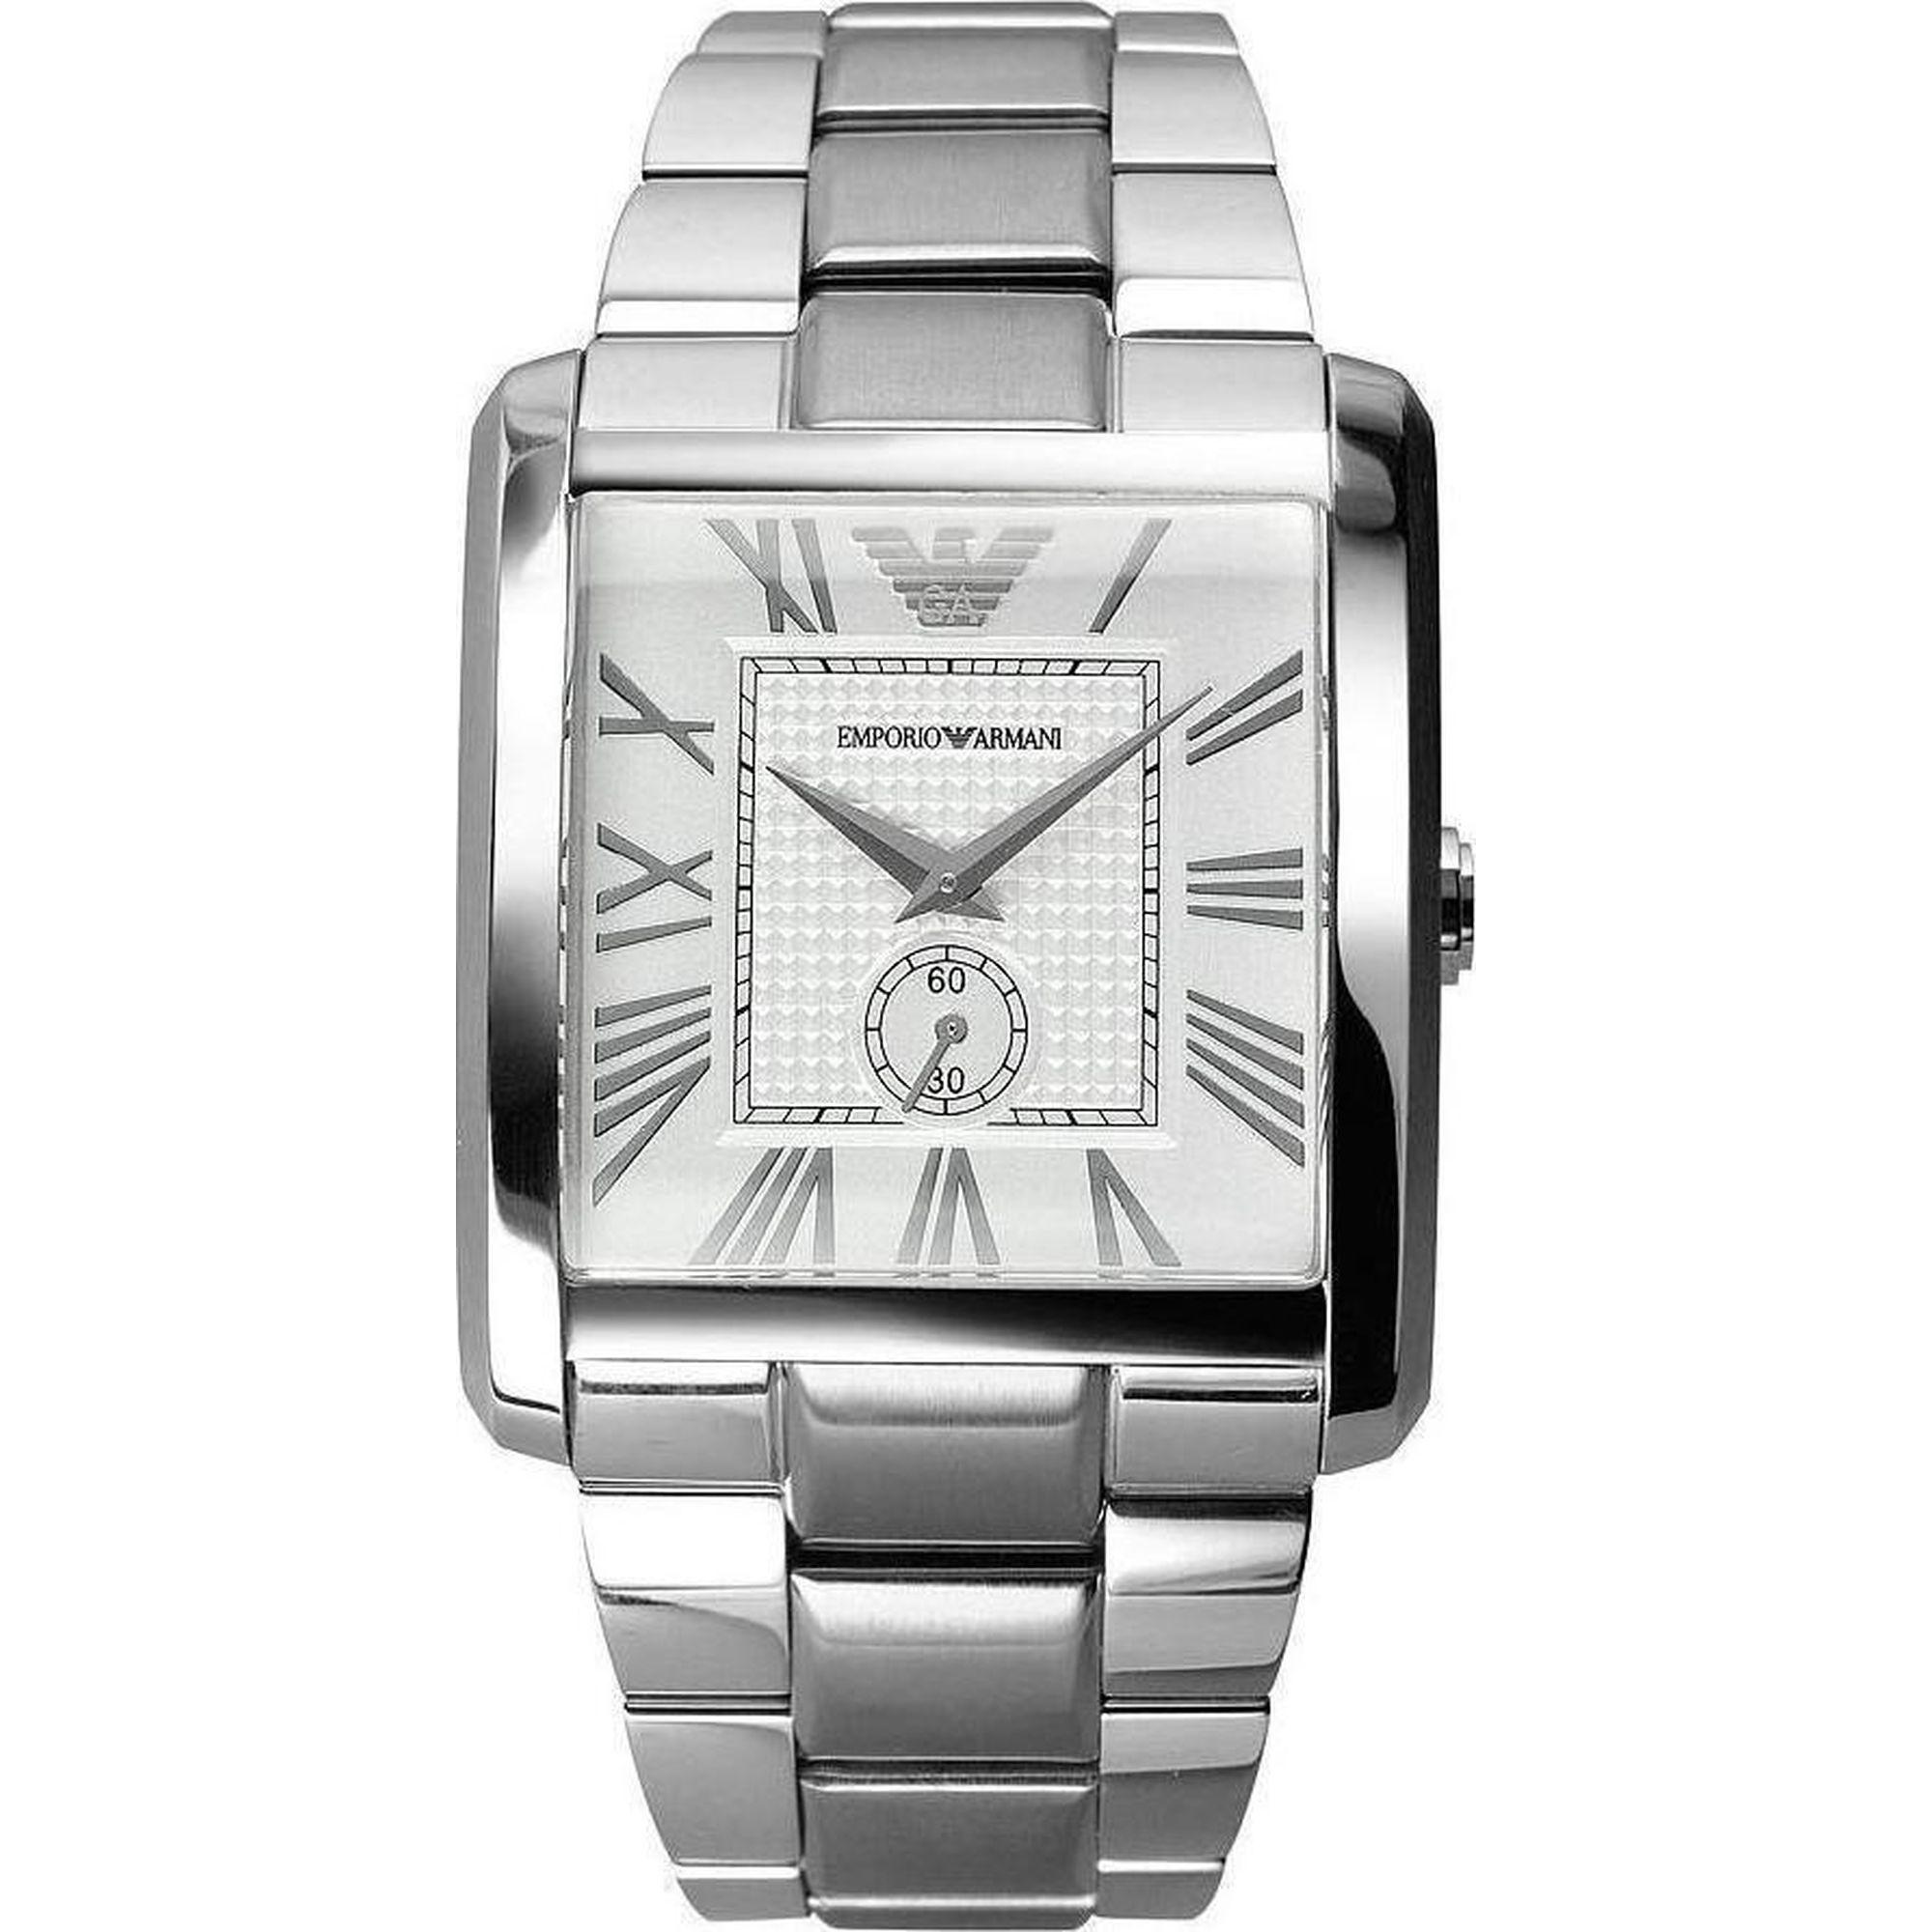 ρολόι, ρολόγια, Emporio Armani, Ανδρικό ρολόι, Δωρεάν μεταφορικά, Emporio Armani Τετράγωνο με Ασημί Καντράν AR1643